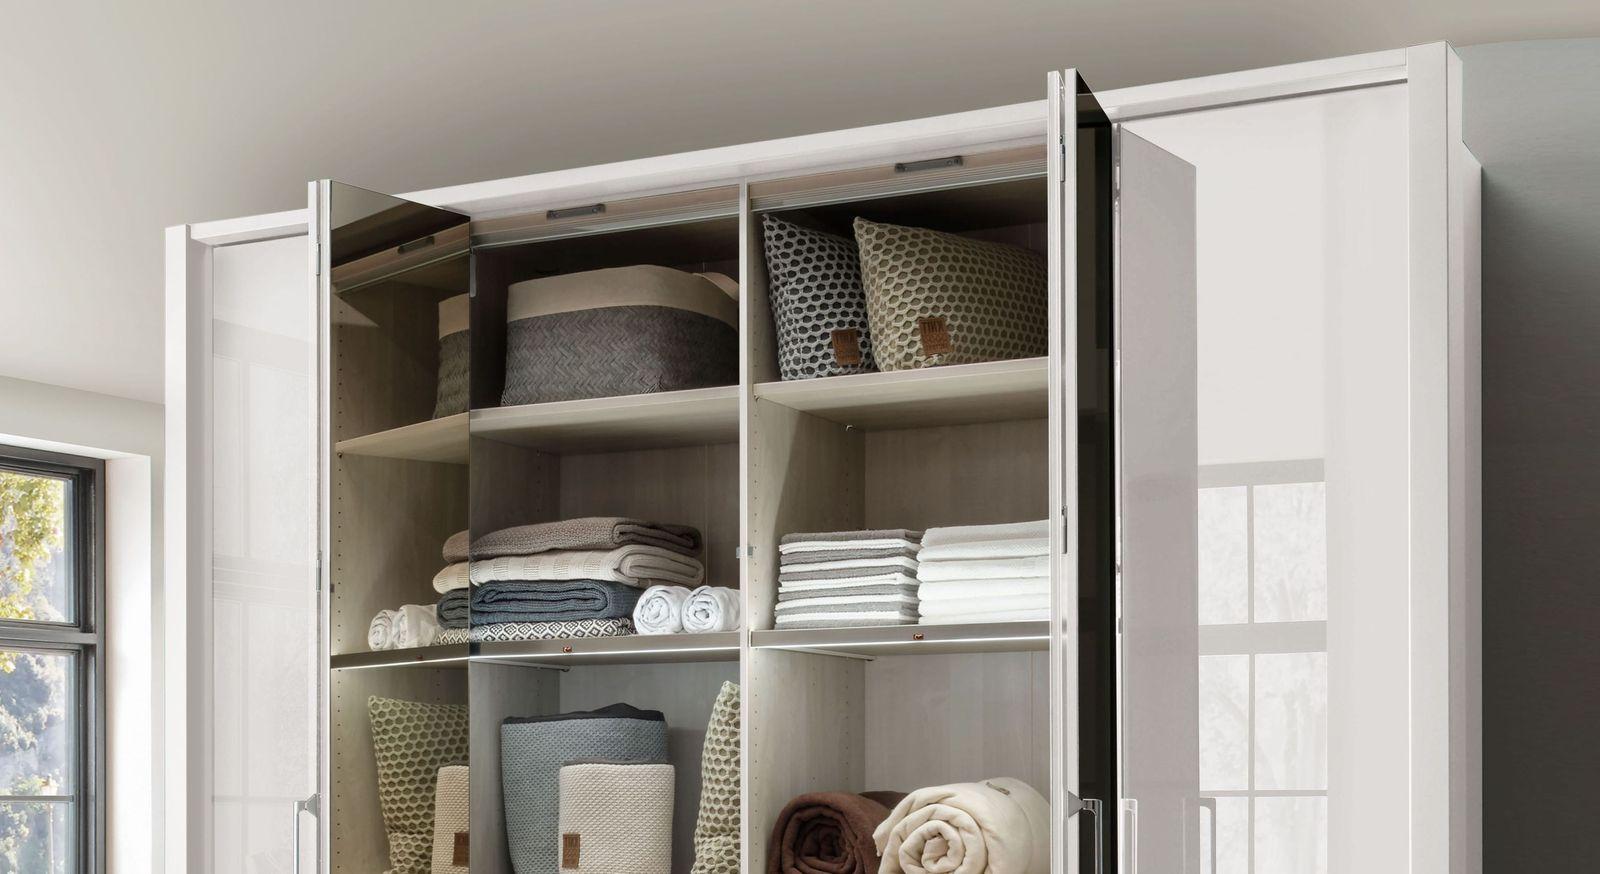 Spiegel-Falttüren-Kleiderschrank Westville für Stauraum im Schlafzimmer